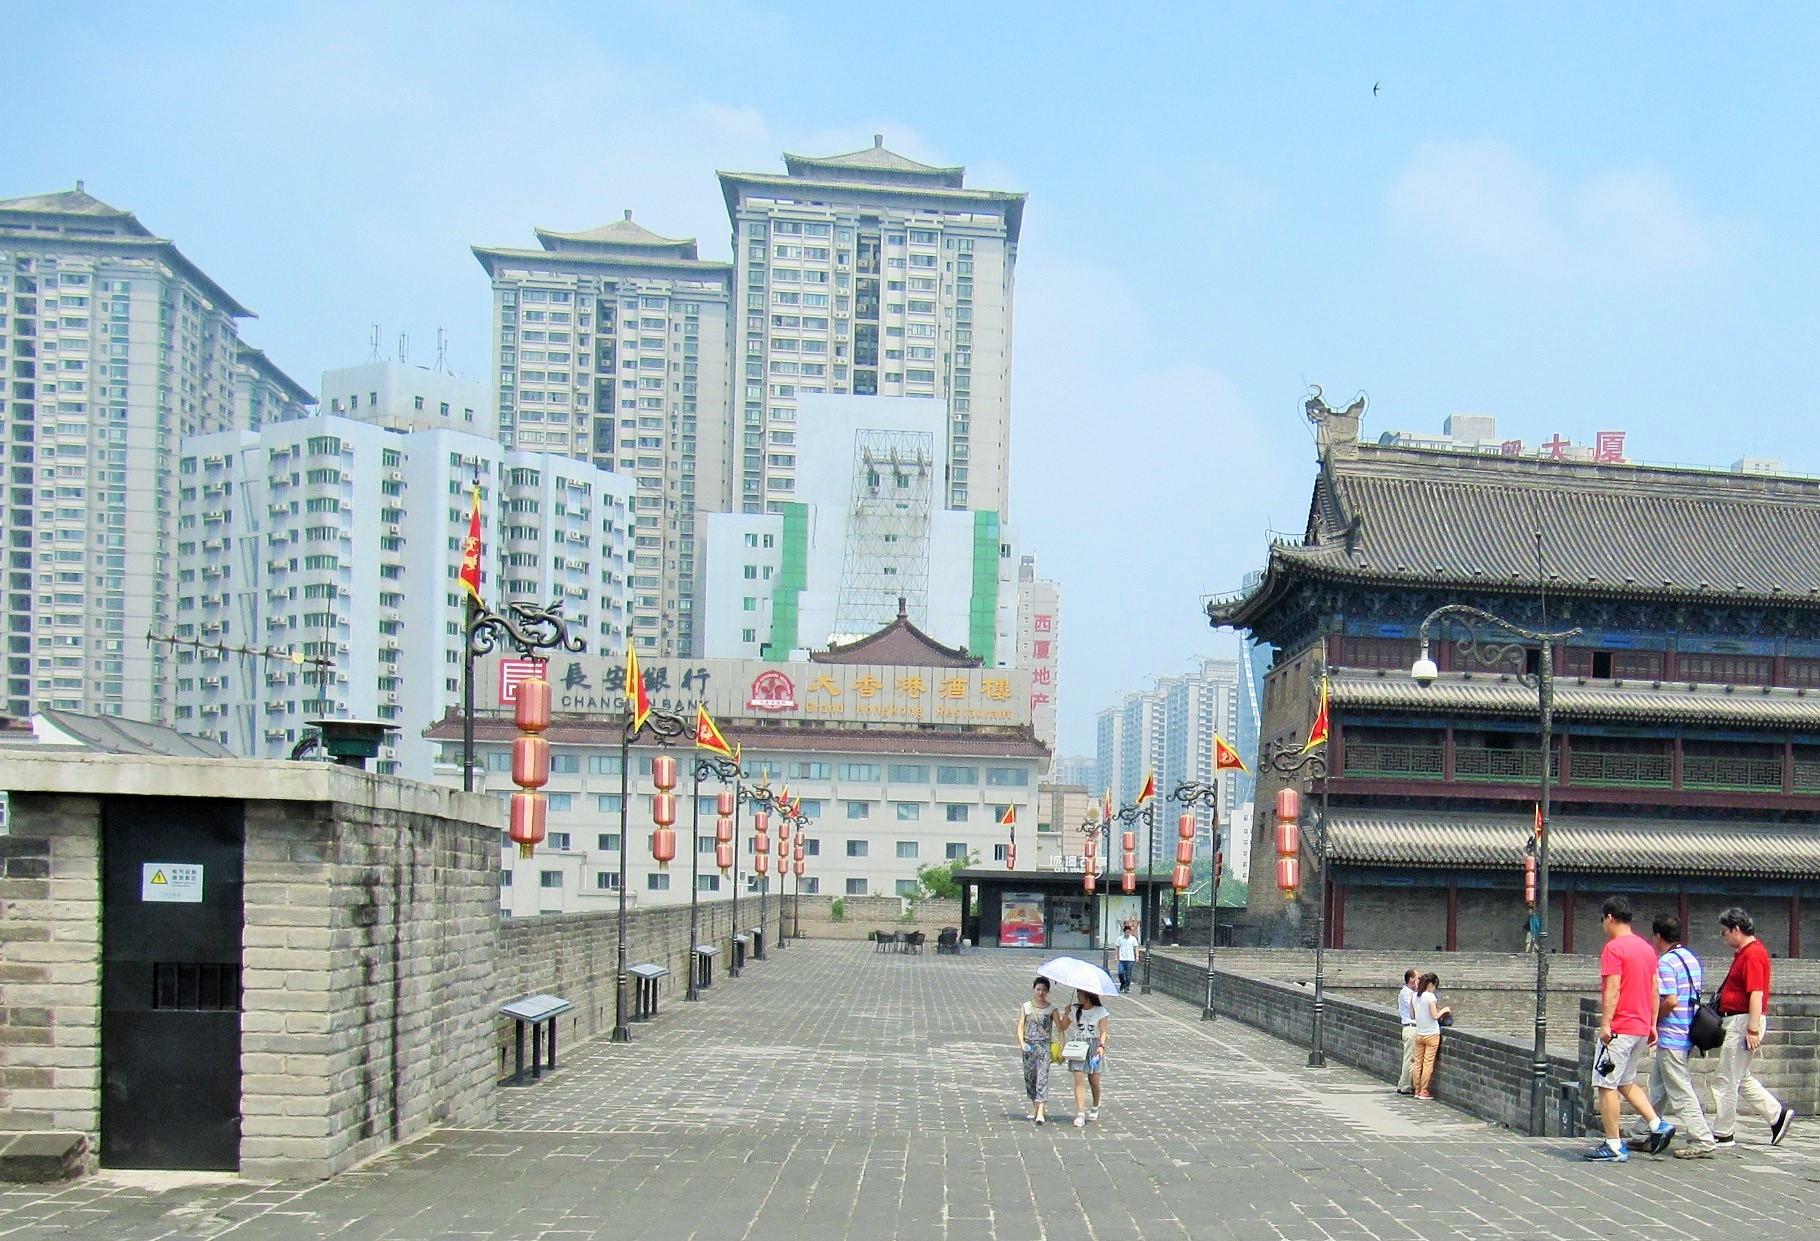 Xián är Kinas gamla huvudstad